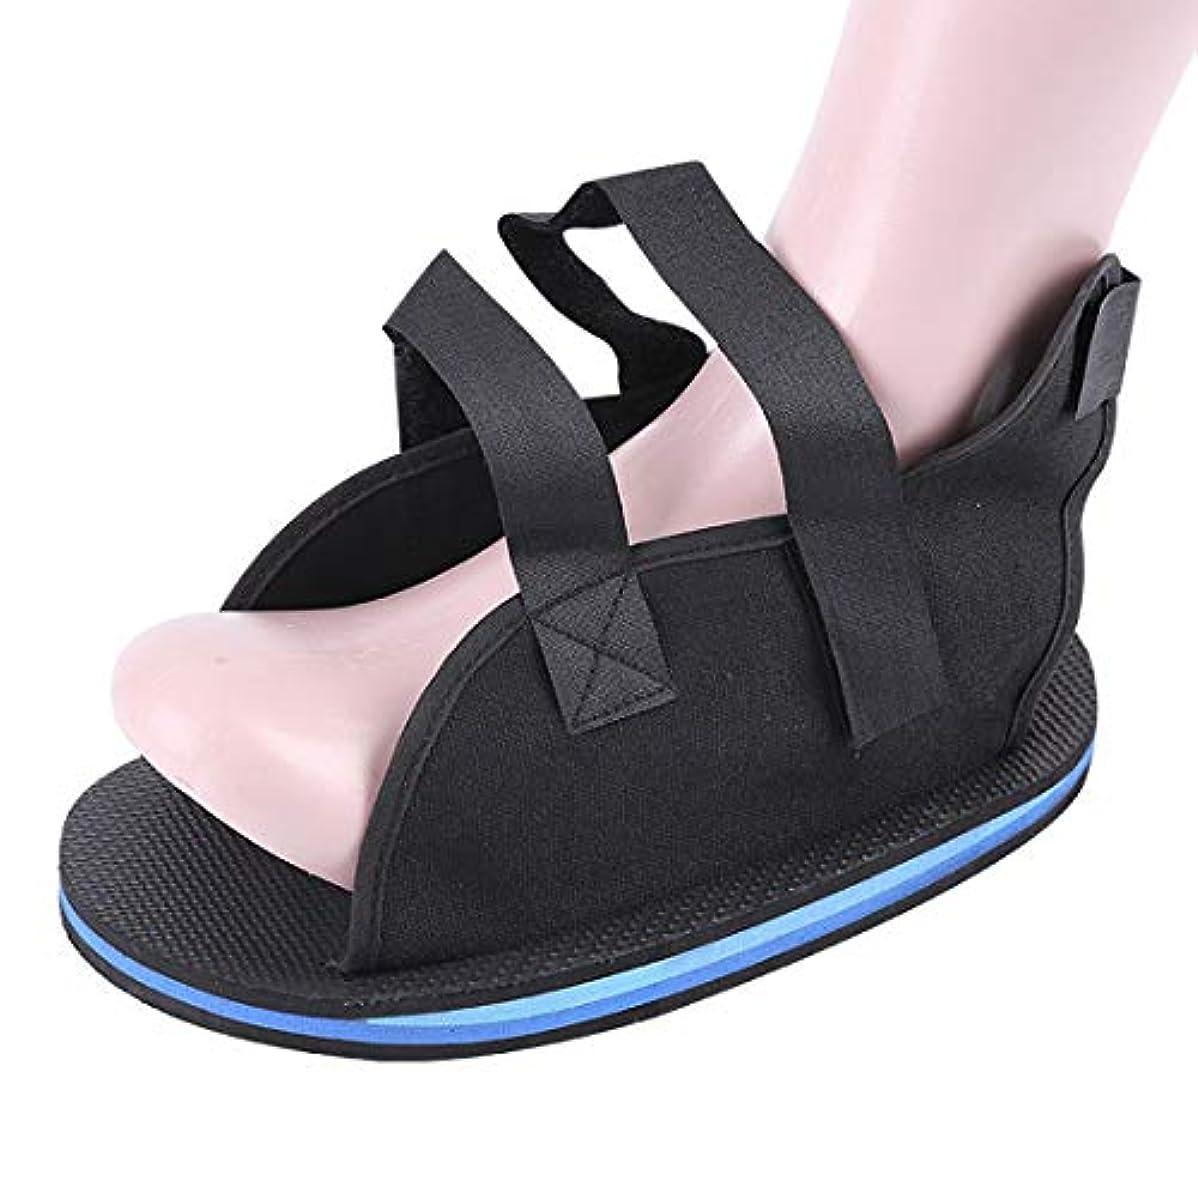 進むルネッサンス別々に医療足骨折石膏の回復靴の手術後のつま先の靴を安定化骨折の靴を調整可能なファスナーで完全なカバー,XS20cm